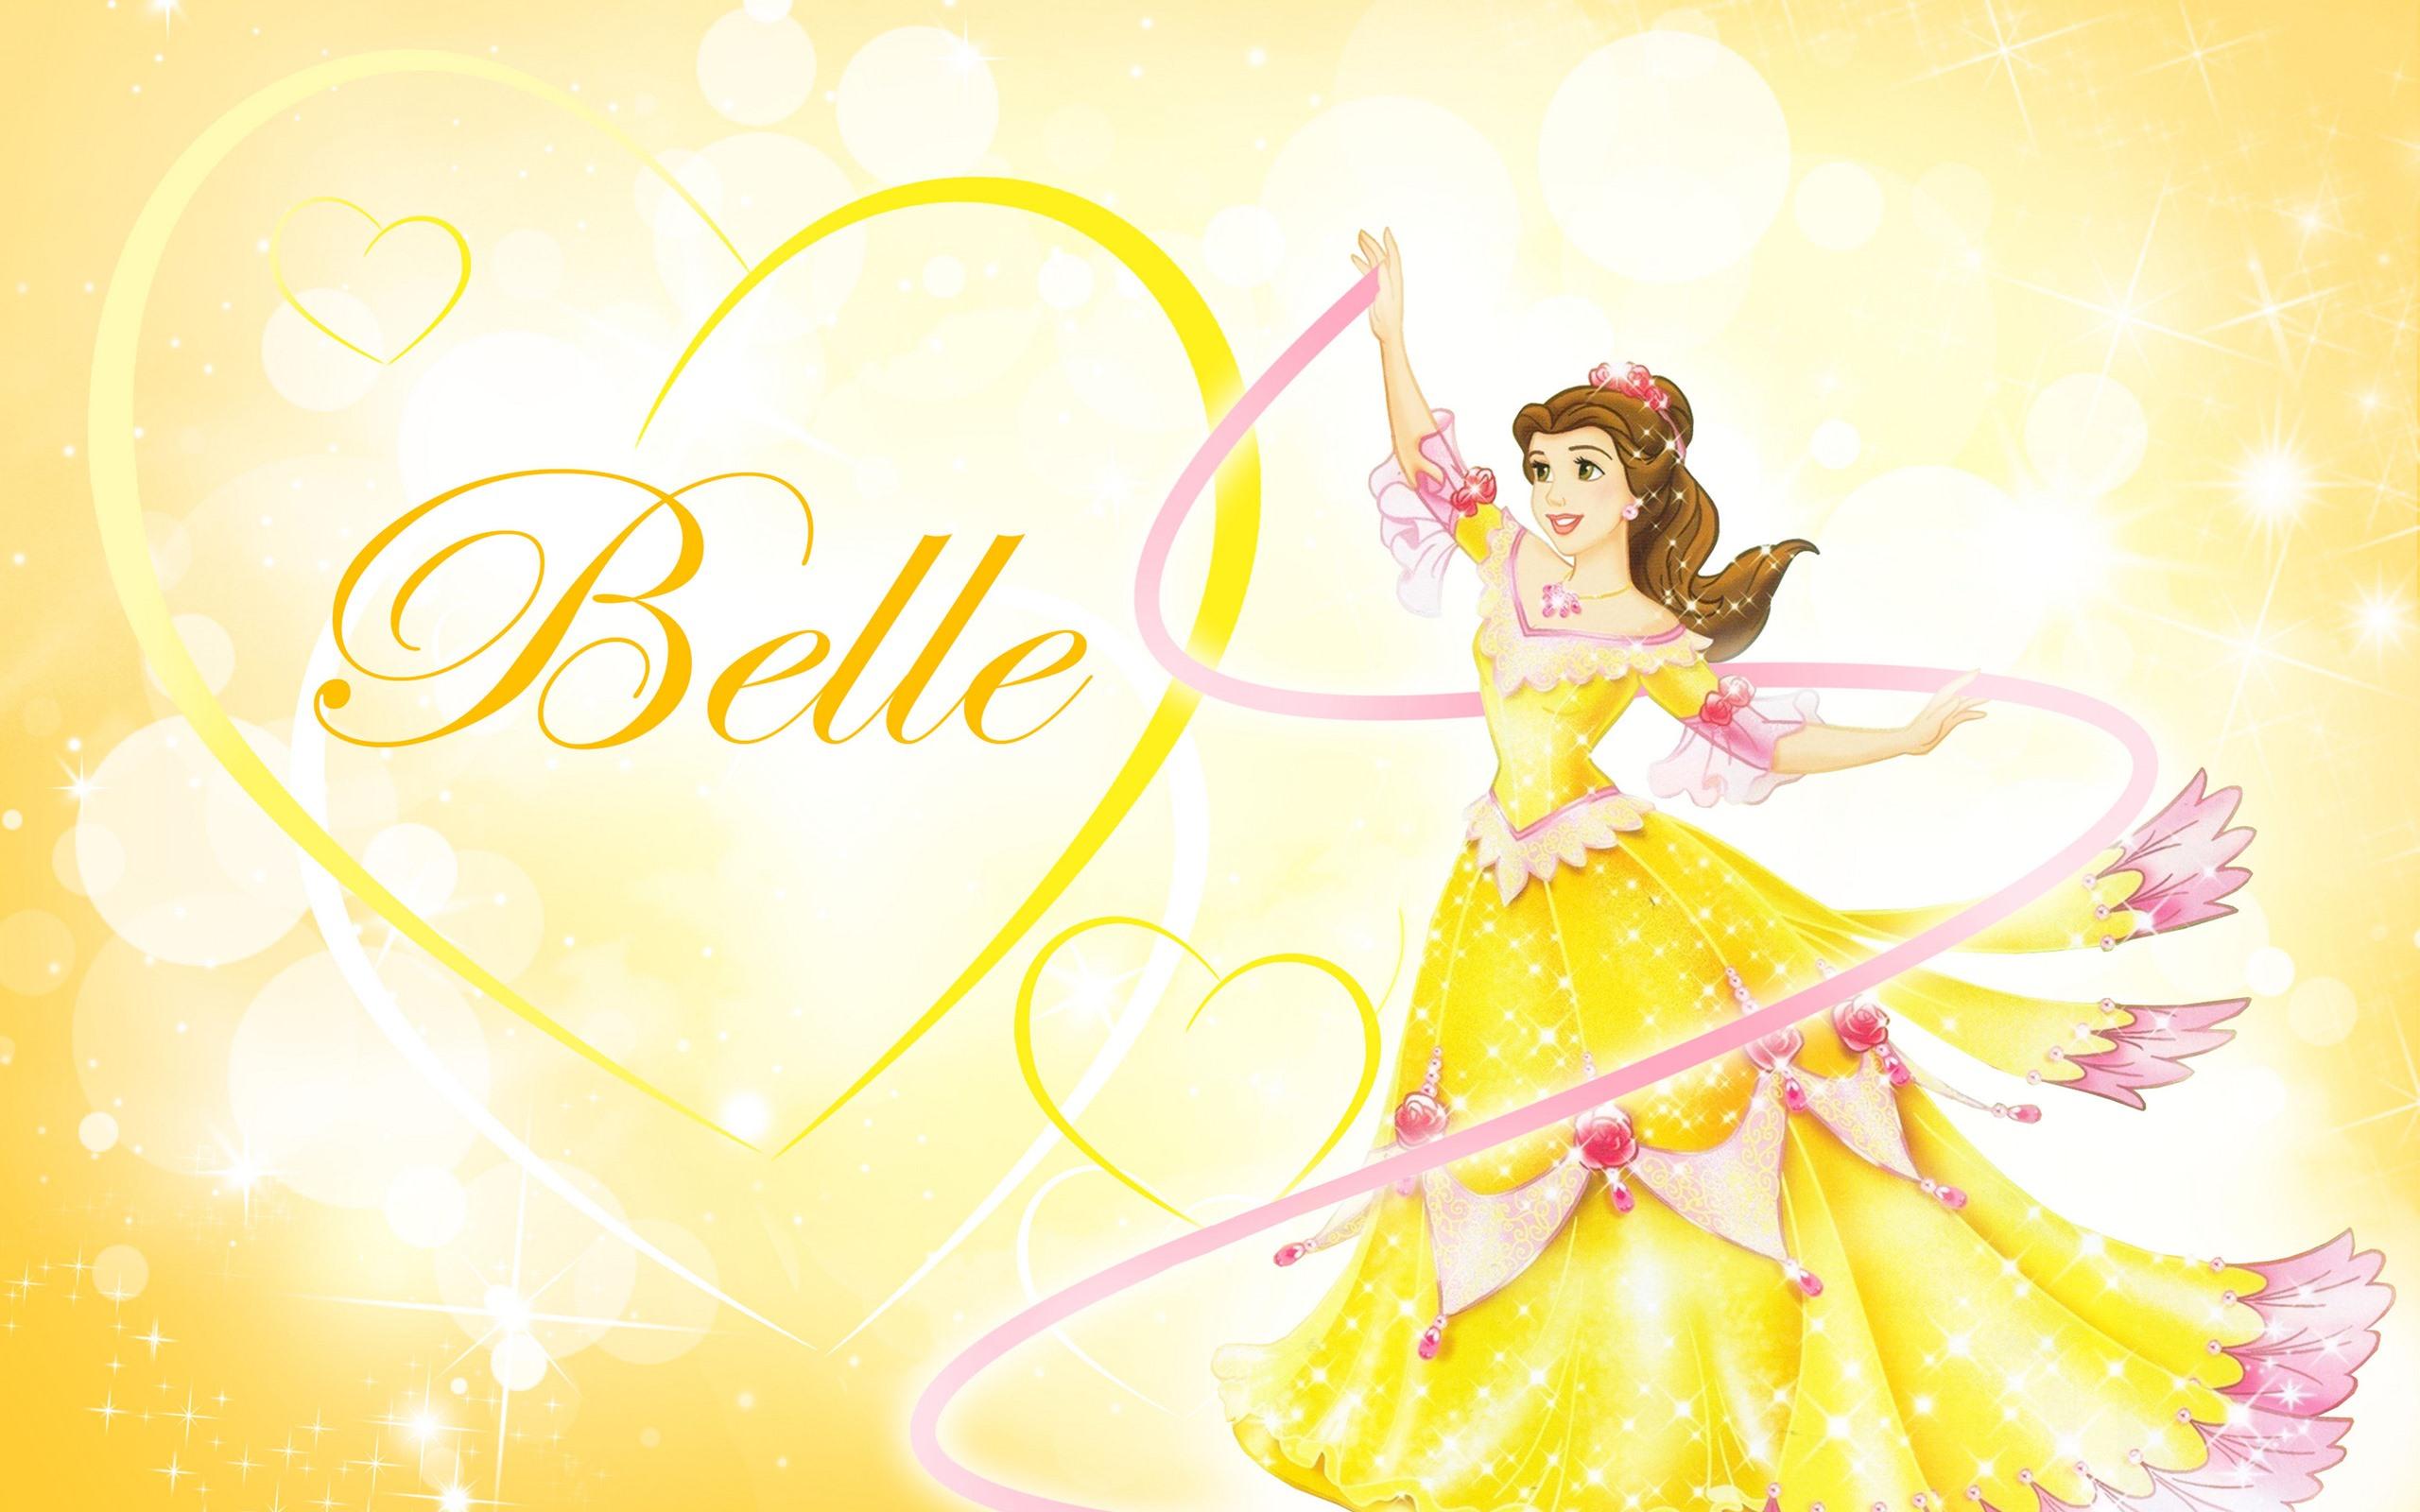 壁紙 ベル プリンセス ラブハート 黄色のスカート ディズニー